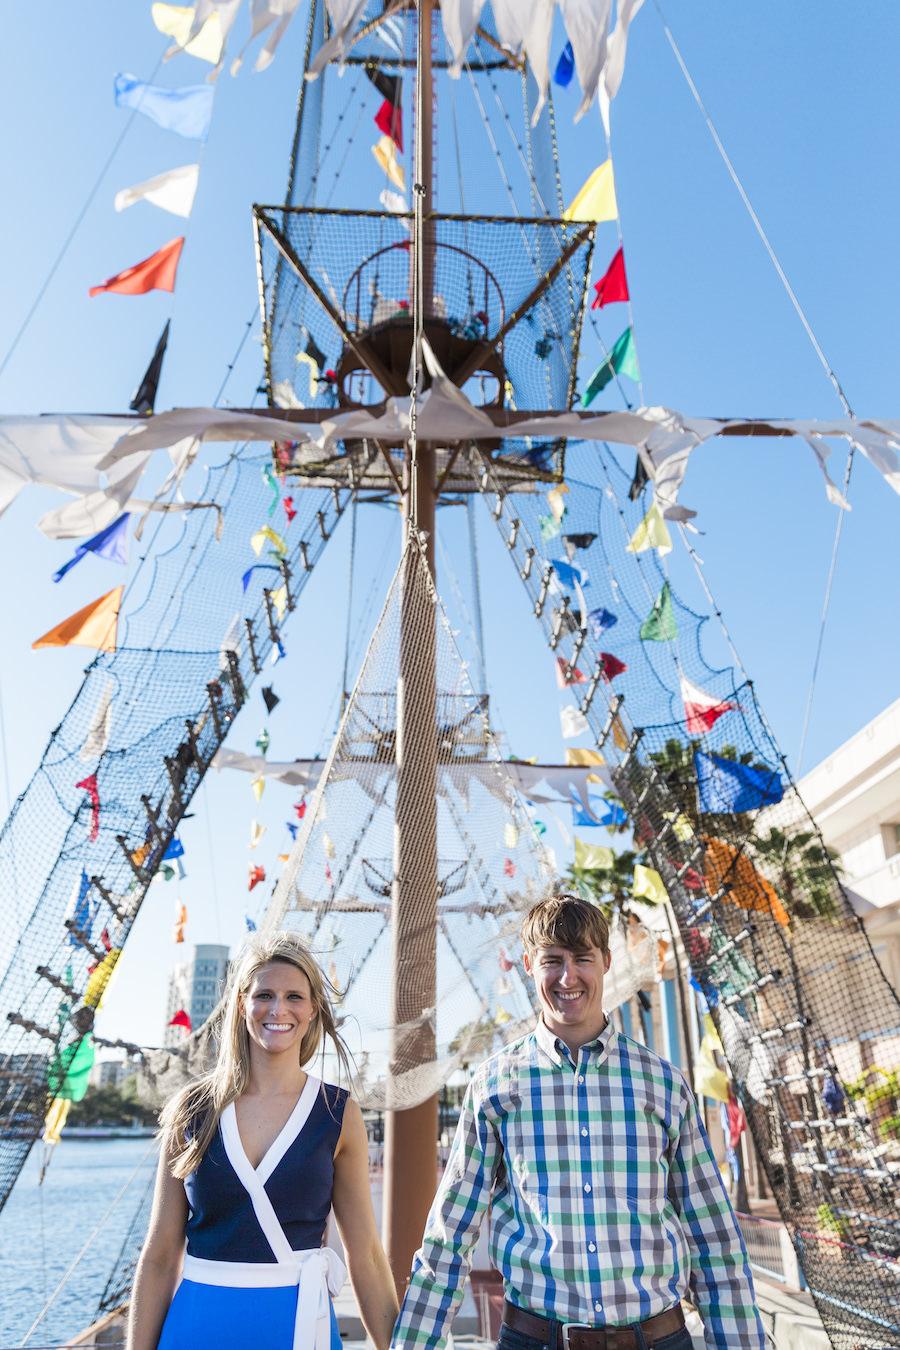 Tampa Bay Gasparilla Pirate Ship Engagement Shoot